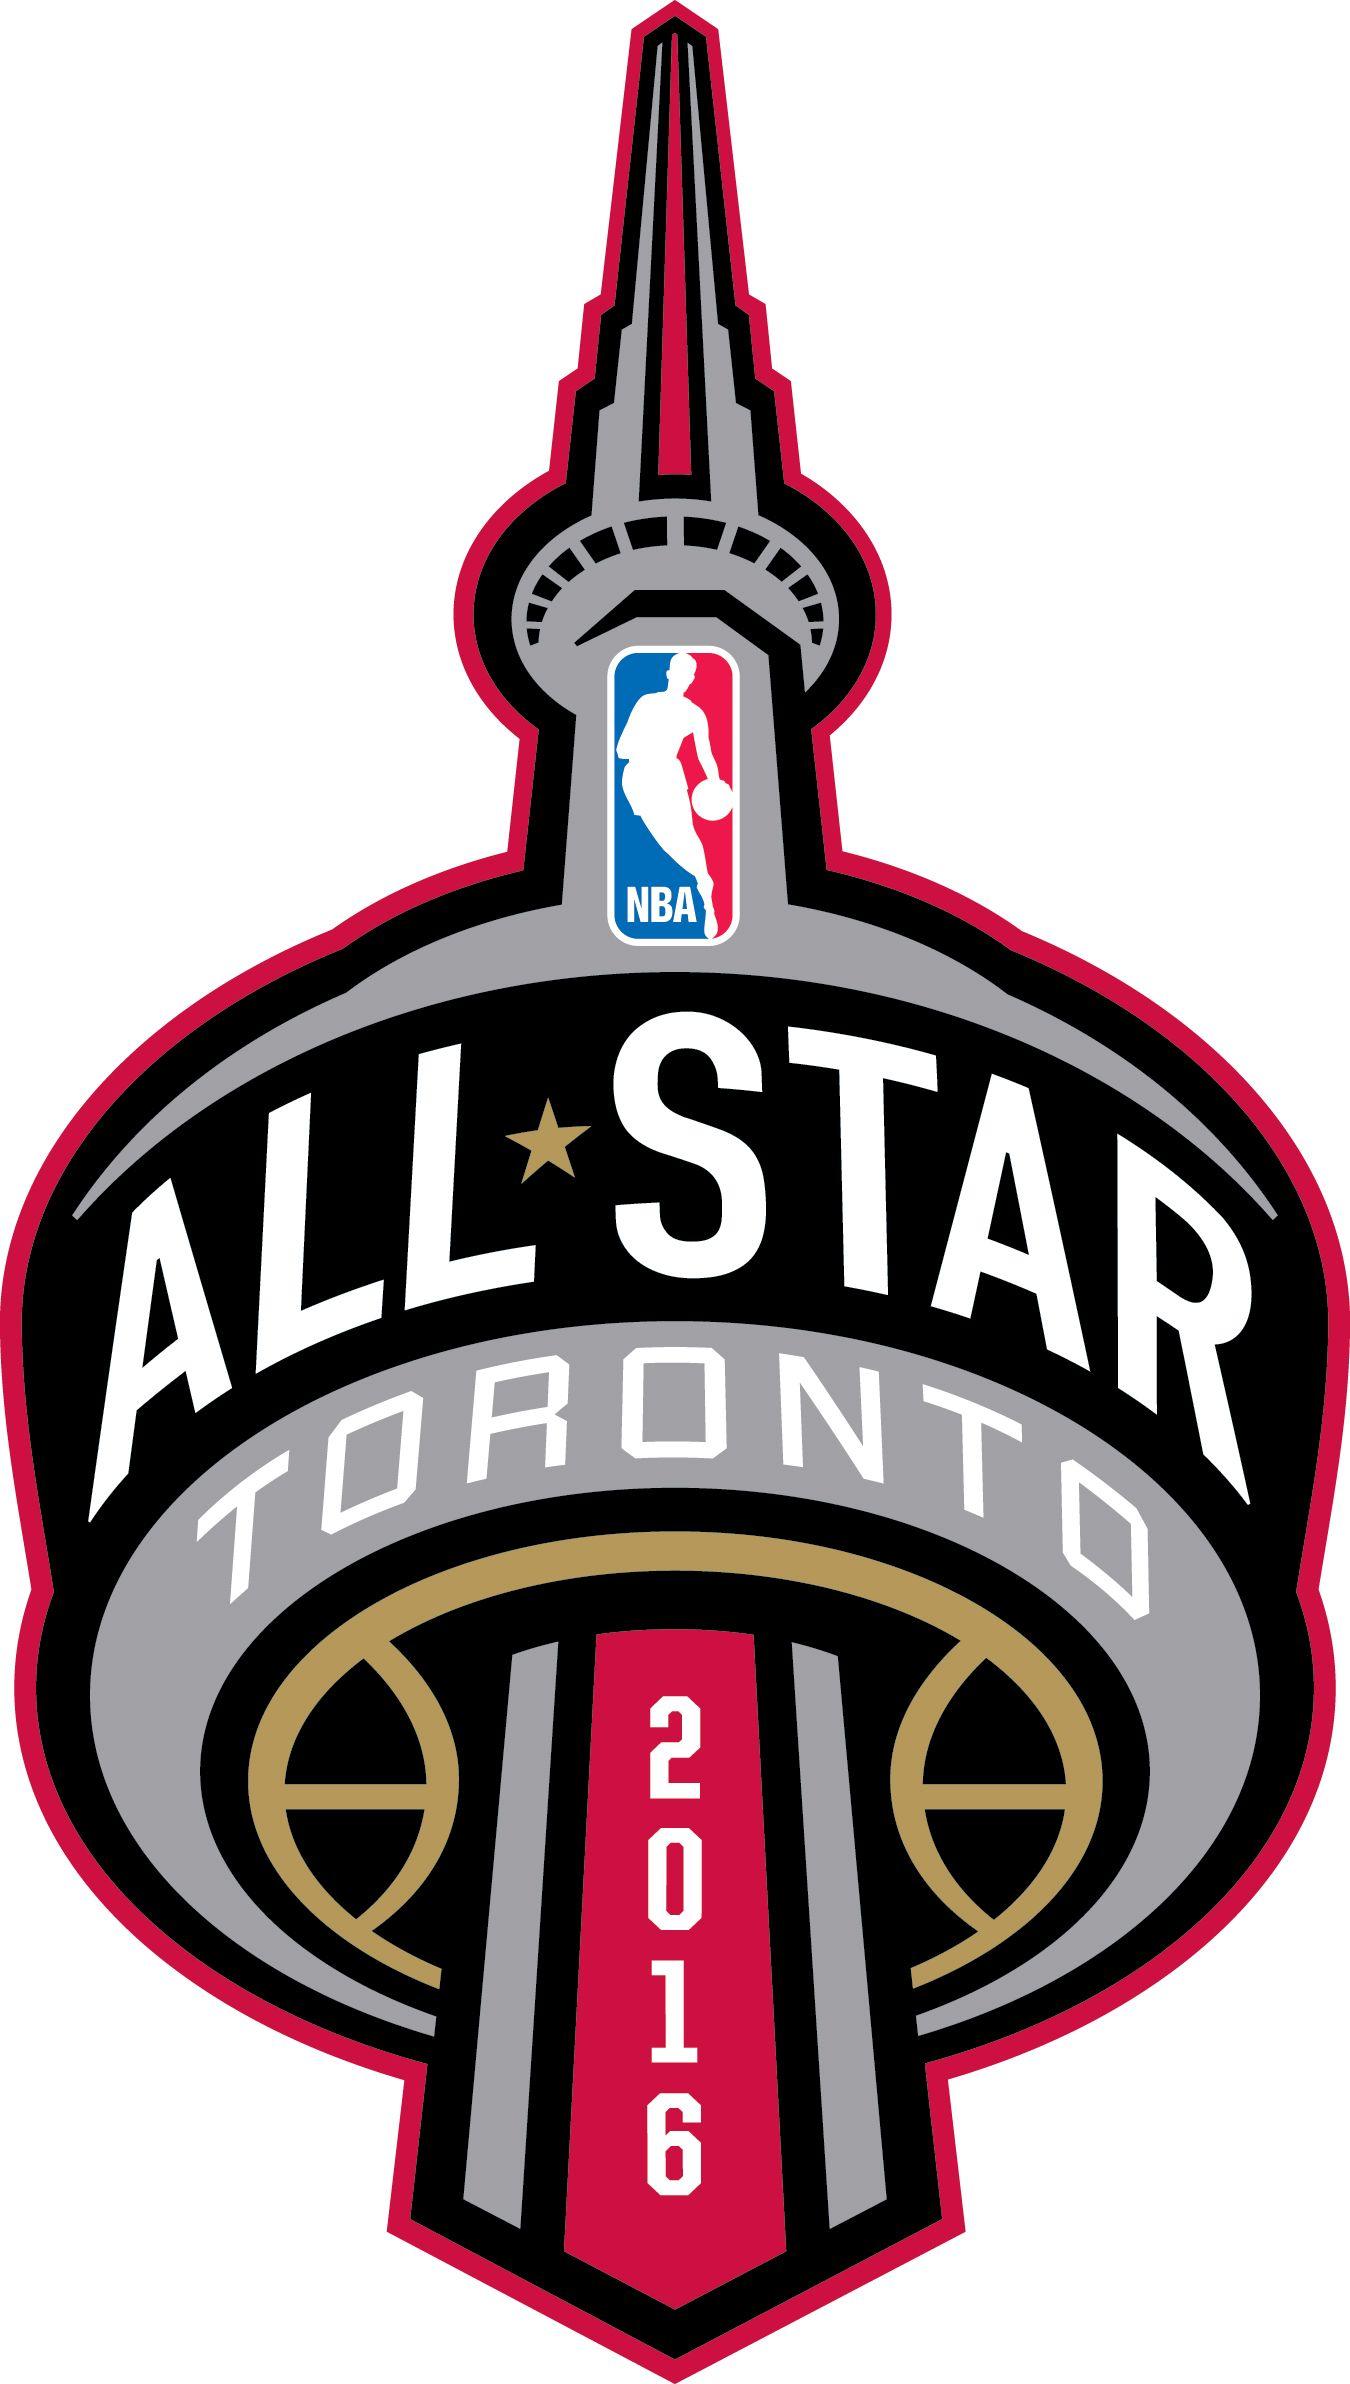 NBA AllStar 2016 Nba, Nba logo